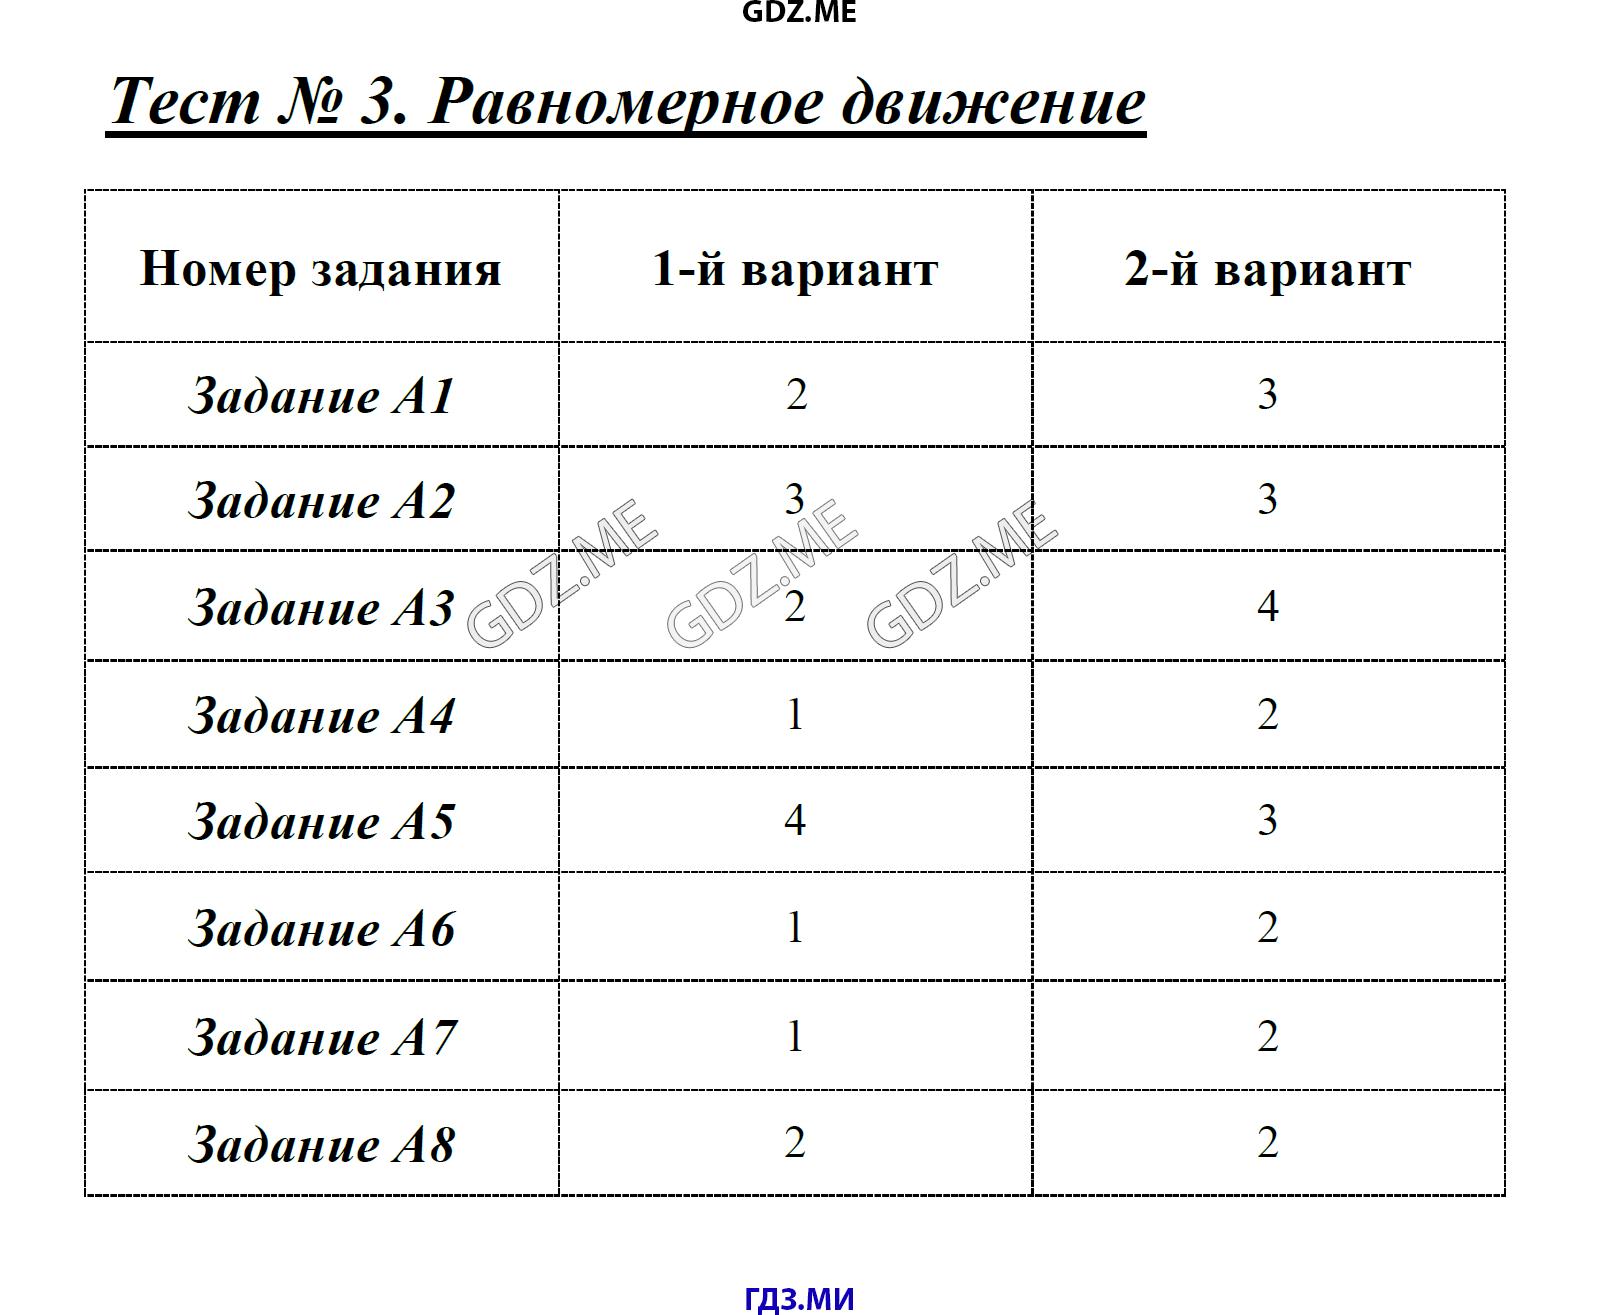 ГДЗ по физике класс Бобошина контрольные работы решебник Физика и физические понятия Тест 2